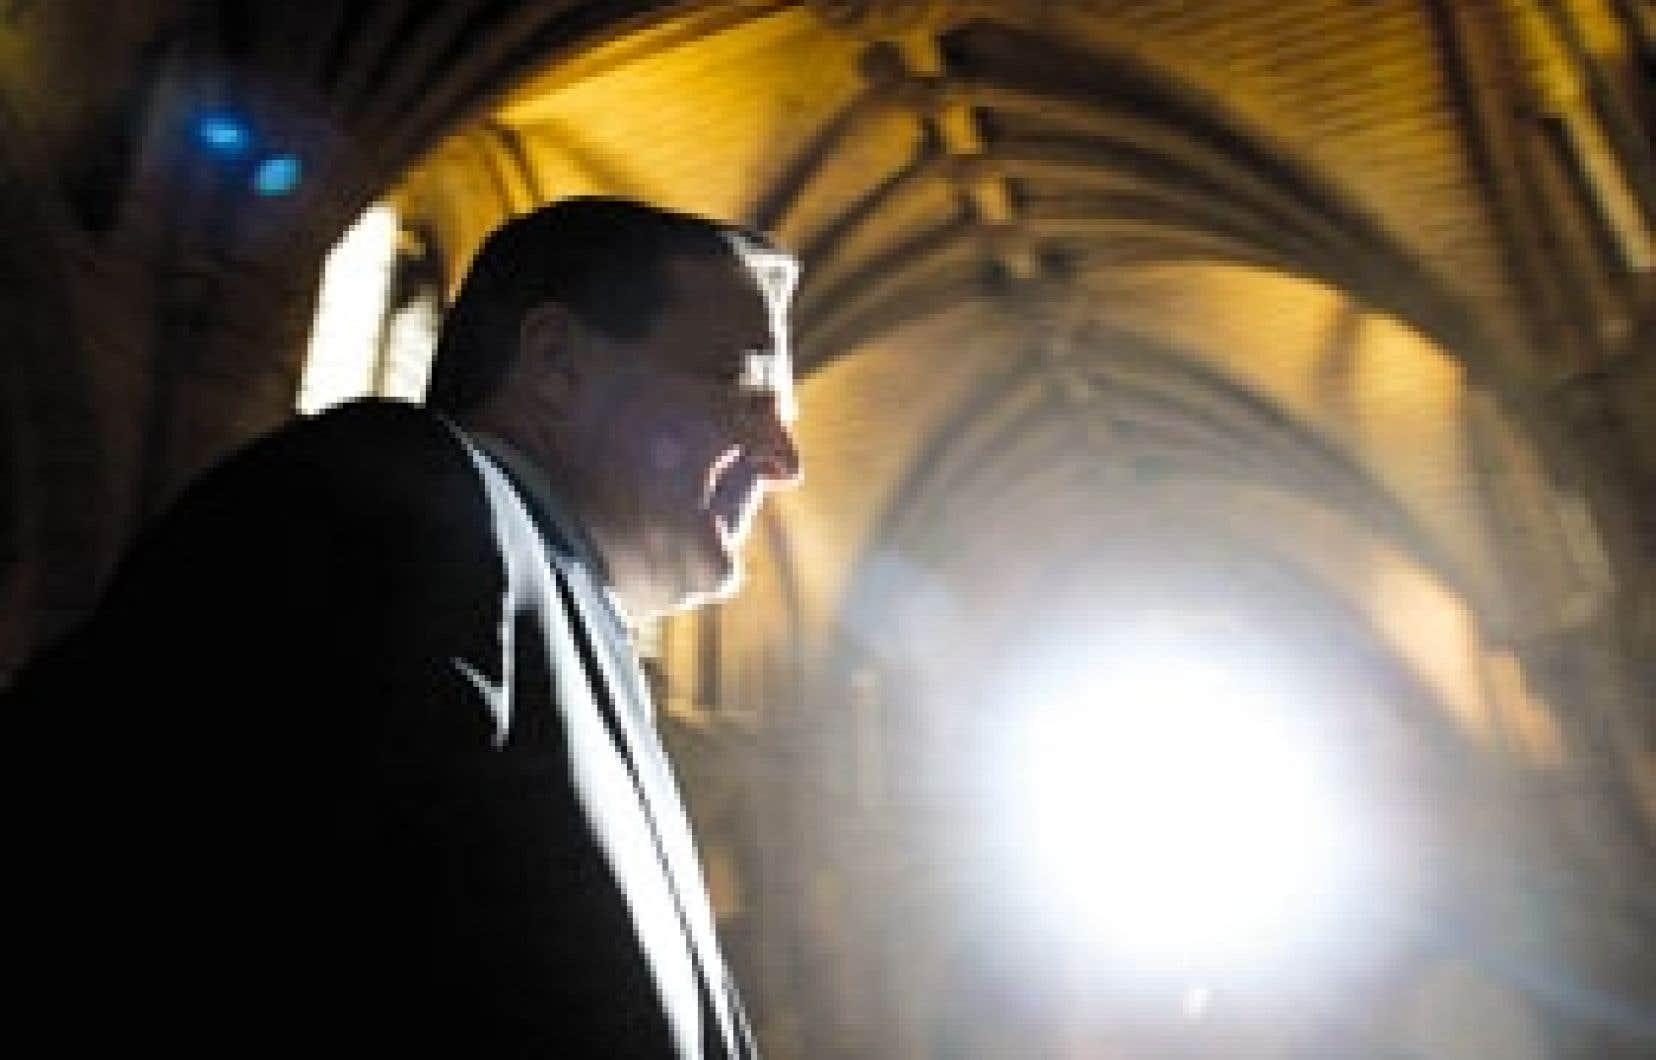 Le ministre des Finances du Canada est sous le feu des projecteurs depuis quelques jours. Hier, le groupe Démocratie en surveillance a accusé Jim Flaherty d'avoir menti aux Canadiens.